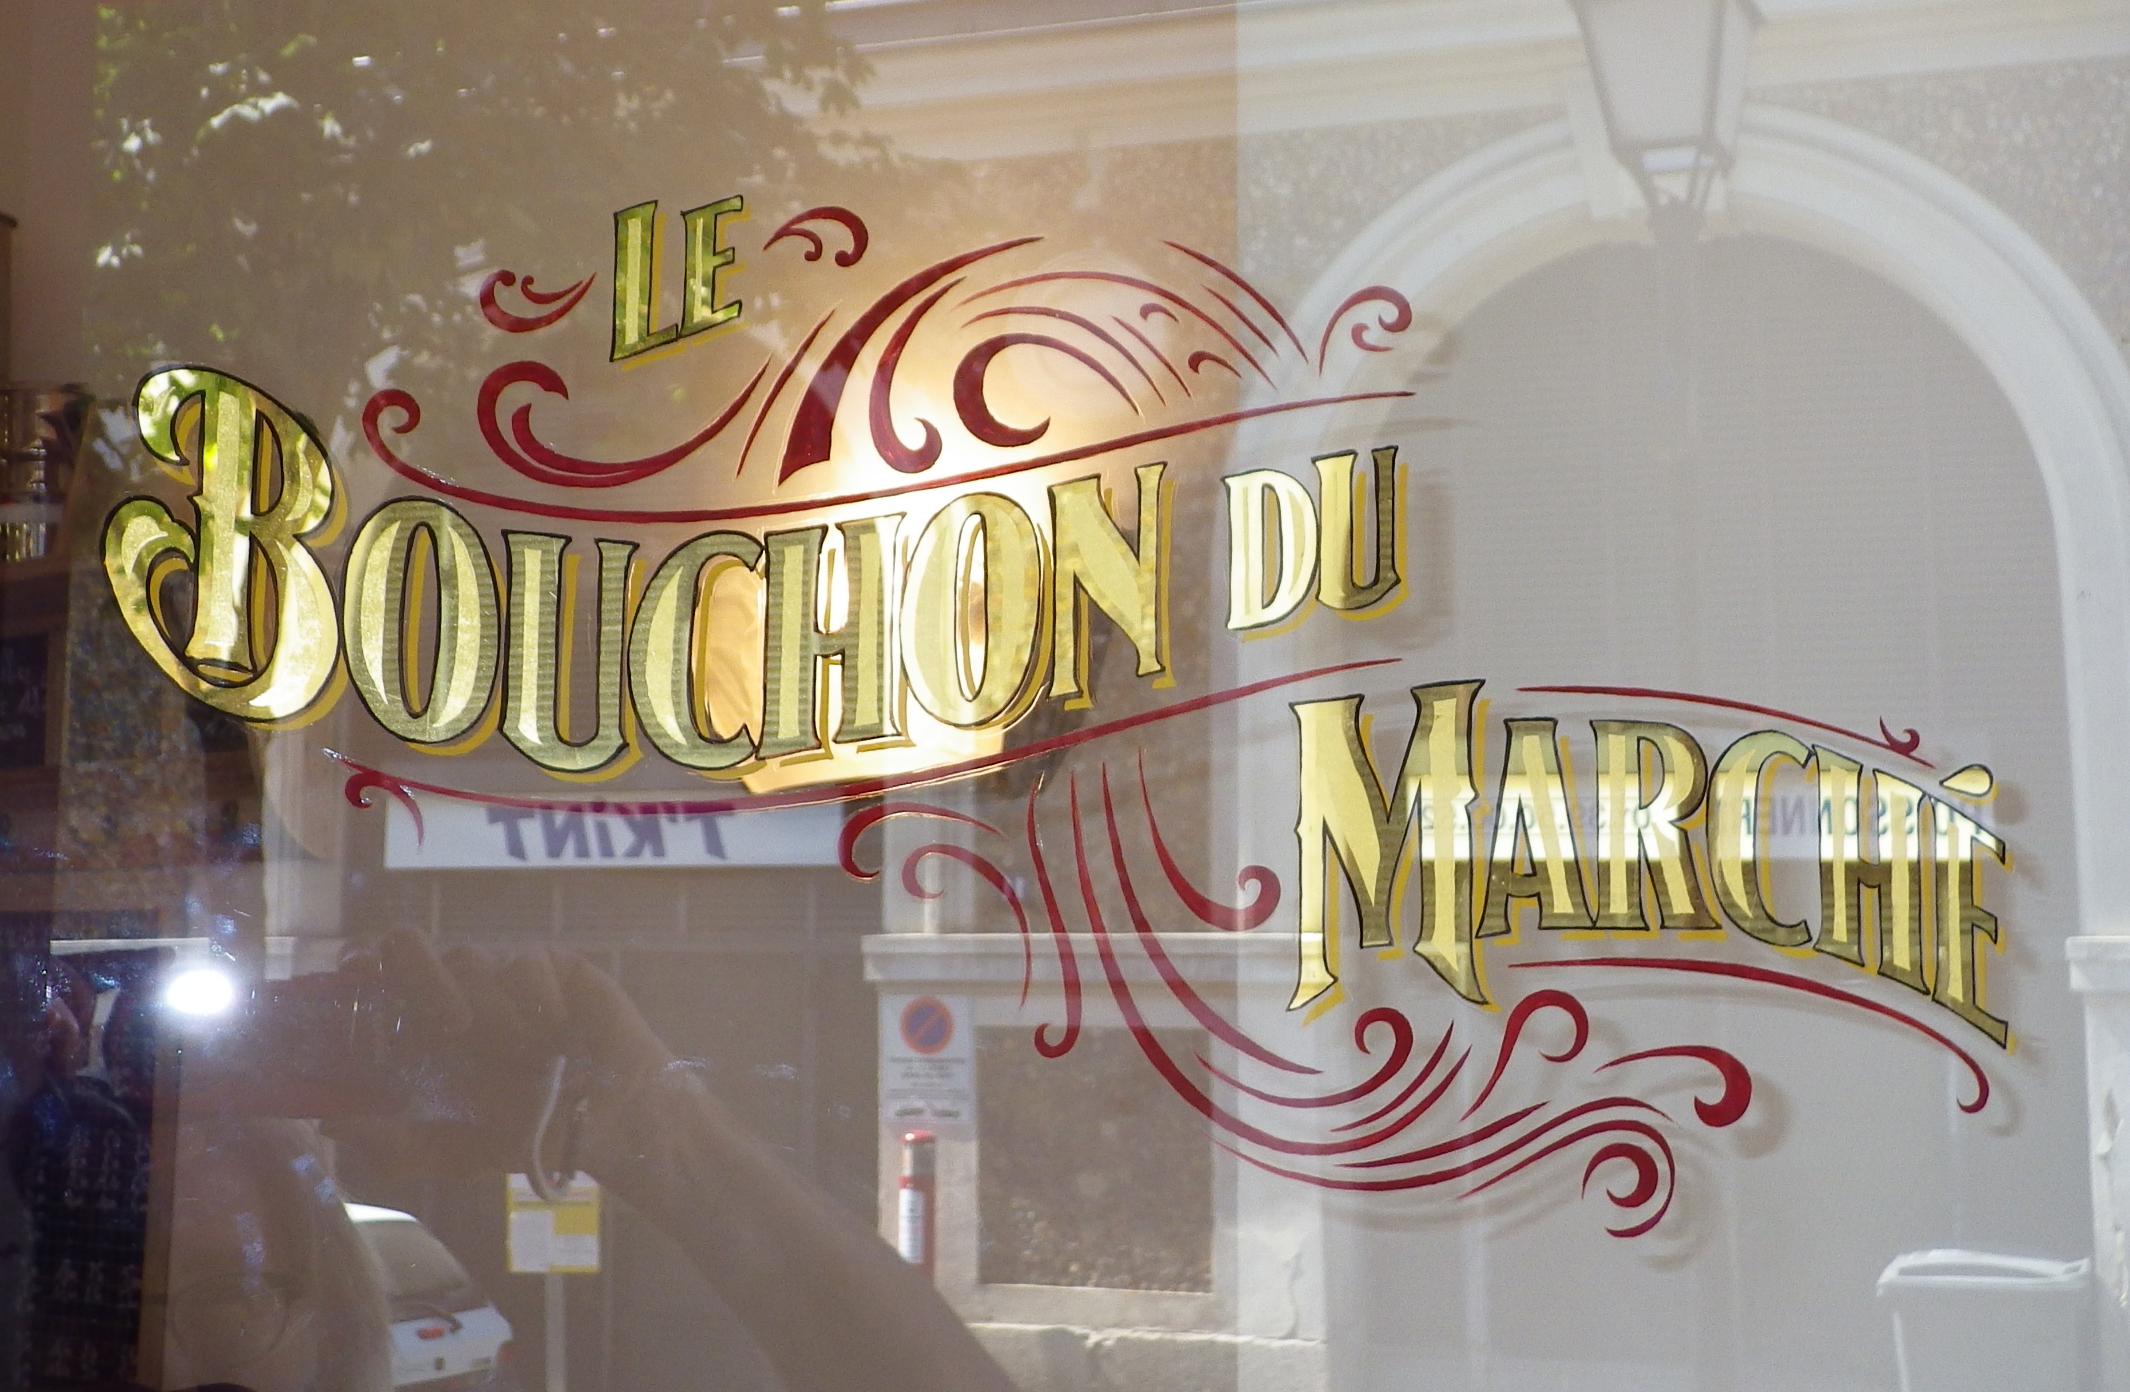 Bouchon du Marché